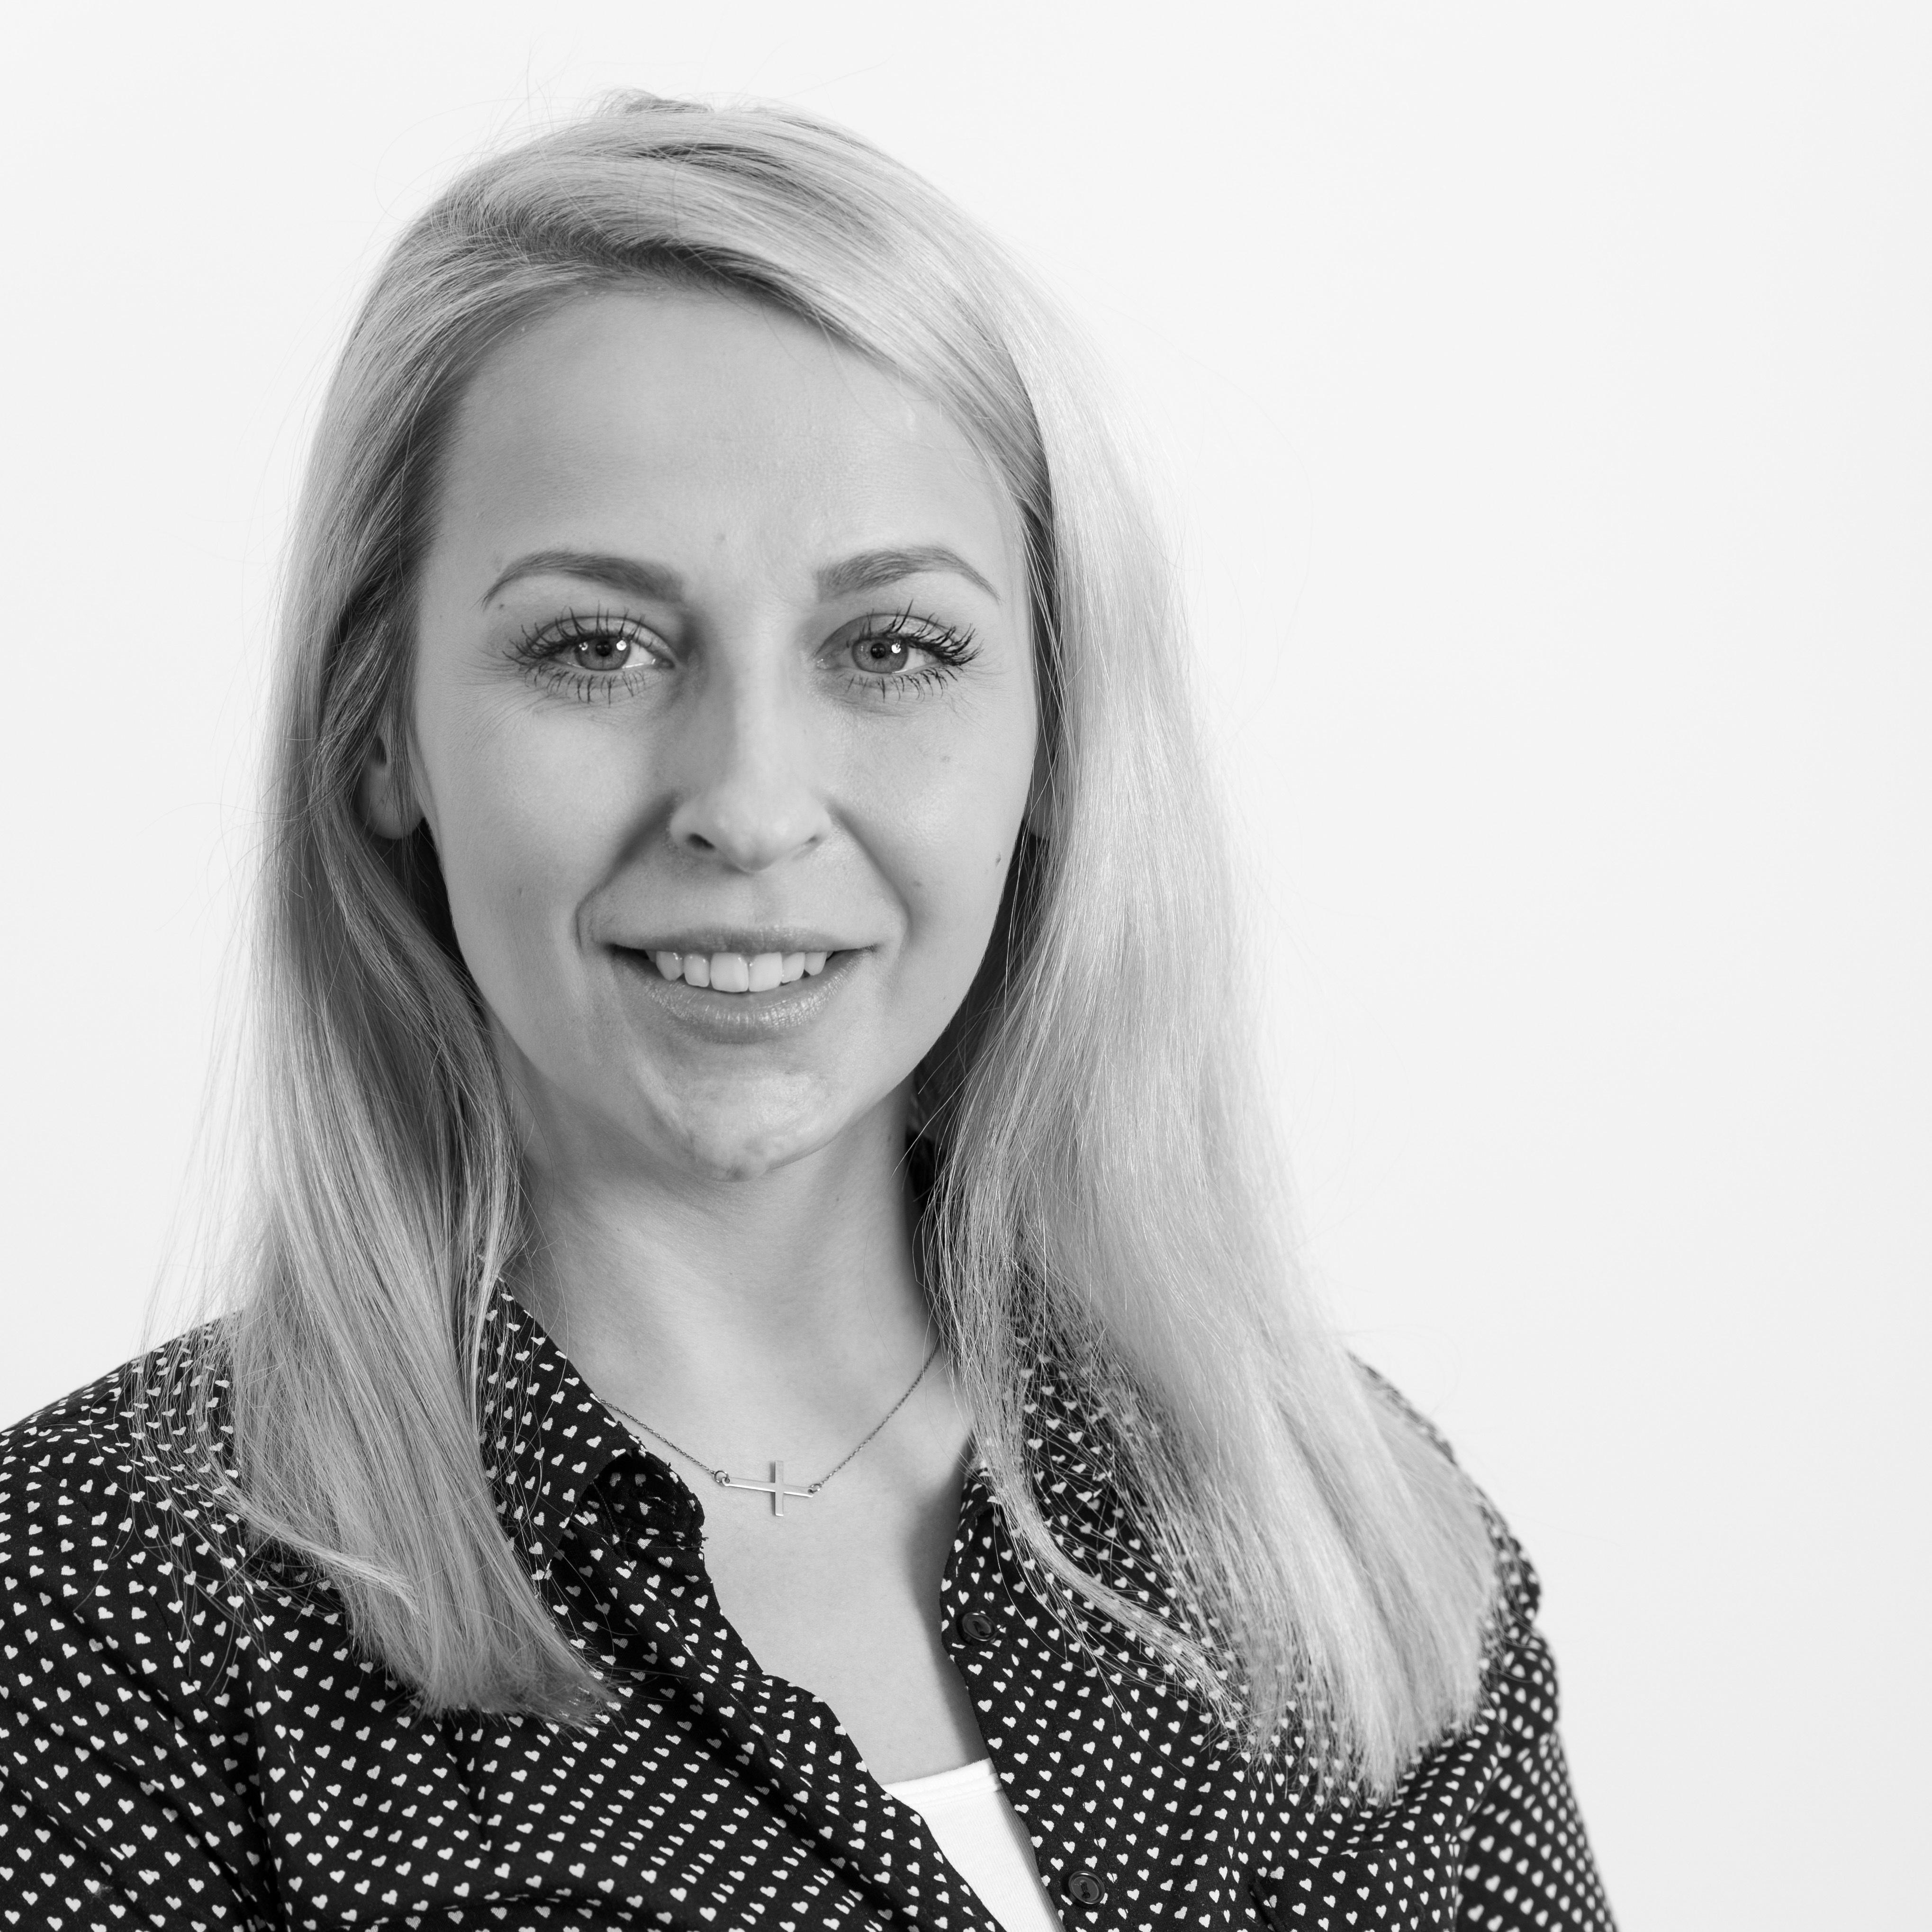 Anna Maria Cielecka - TEMEDOS Allgemeinmediziner Berlin Charlottenburg